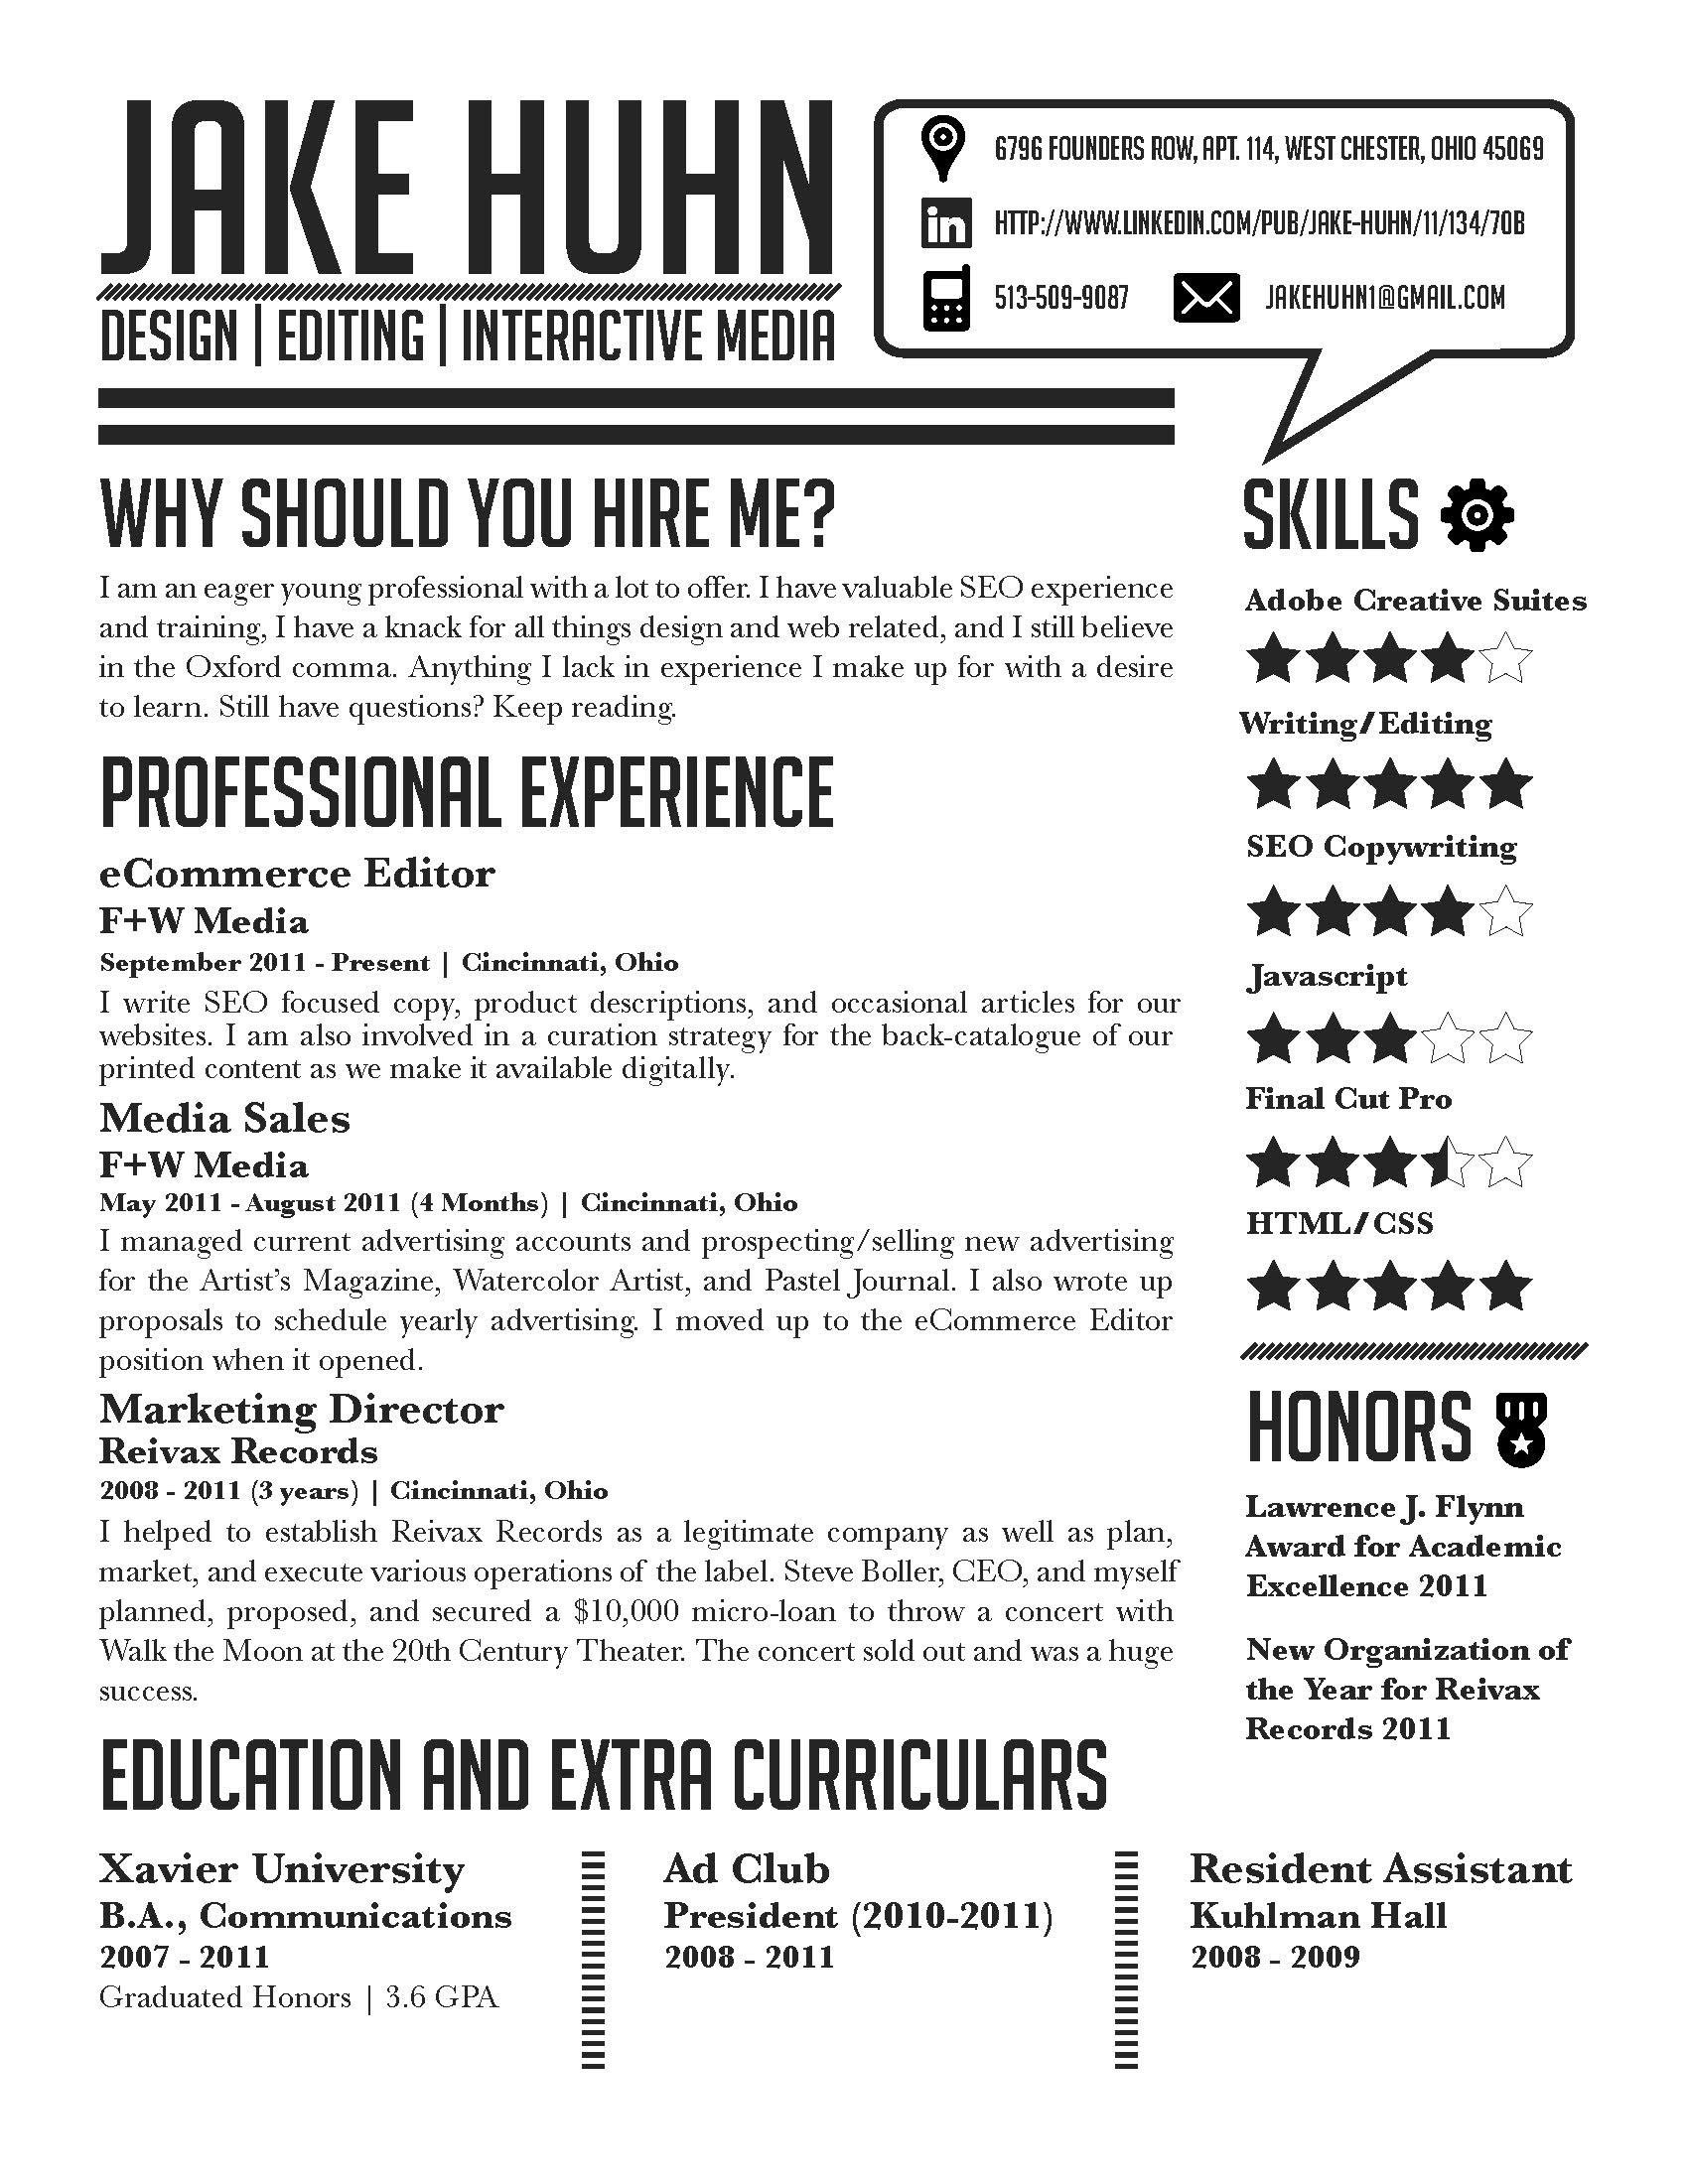 Resume For Graphic Designer Pdf. resume format pdf 2011 graphic ...